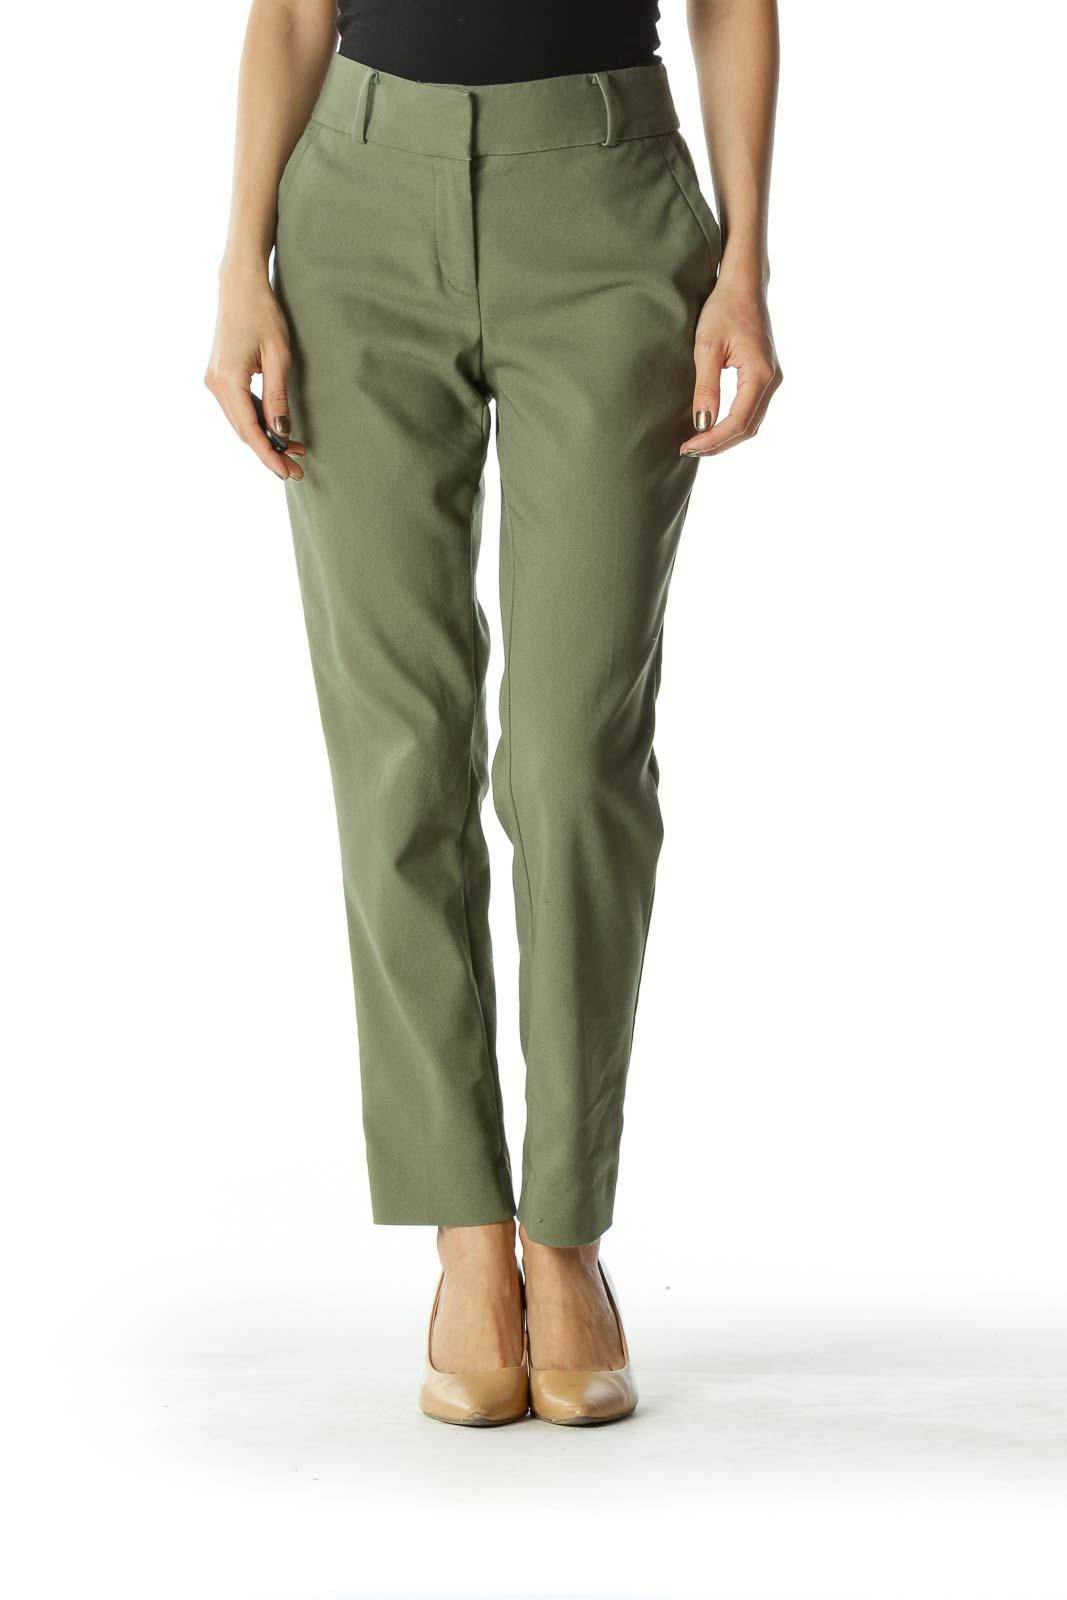 Green Slim Fit Capri Pant